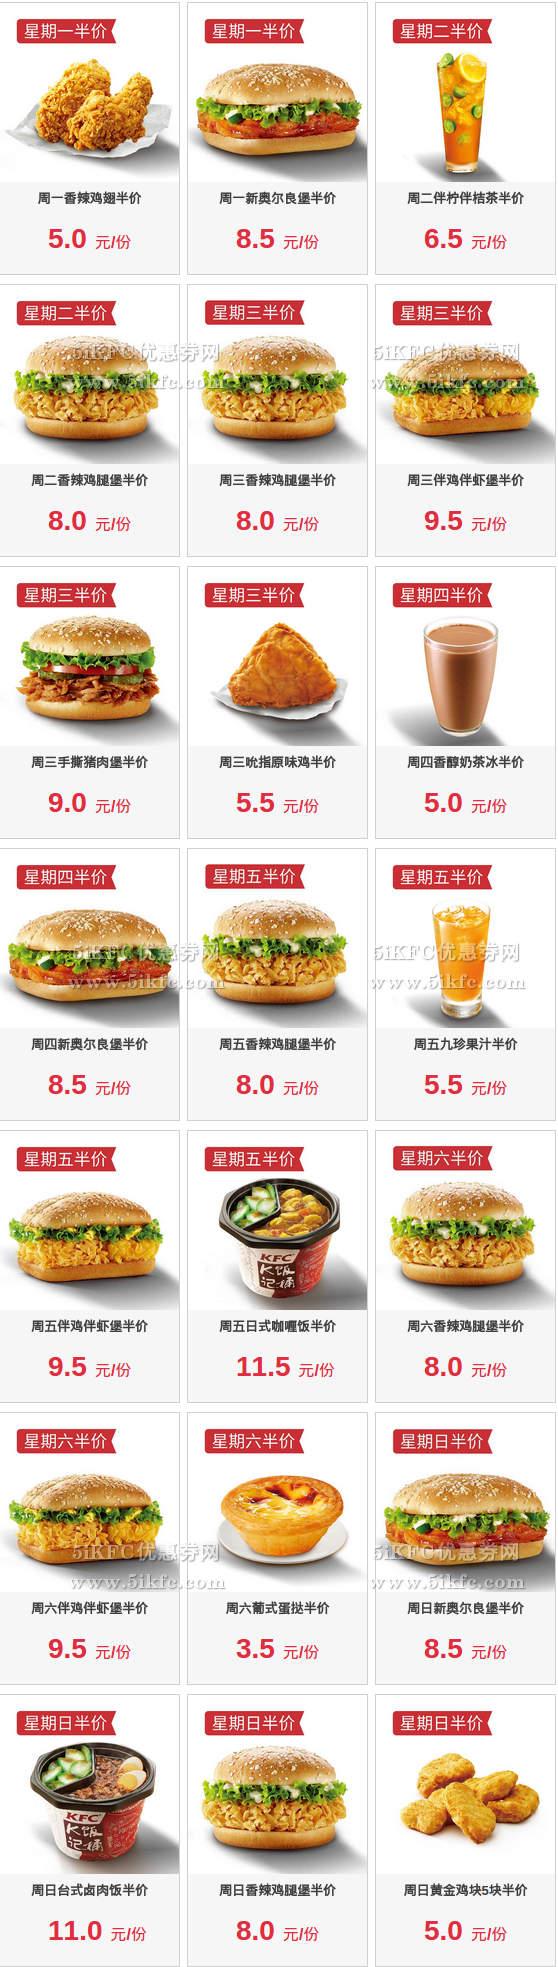 肯德基网上订餐天天半价菜单及价格